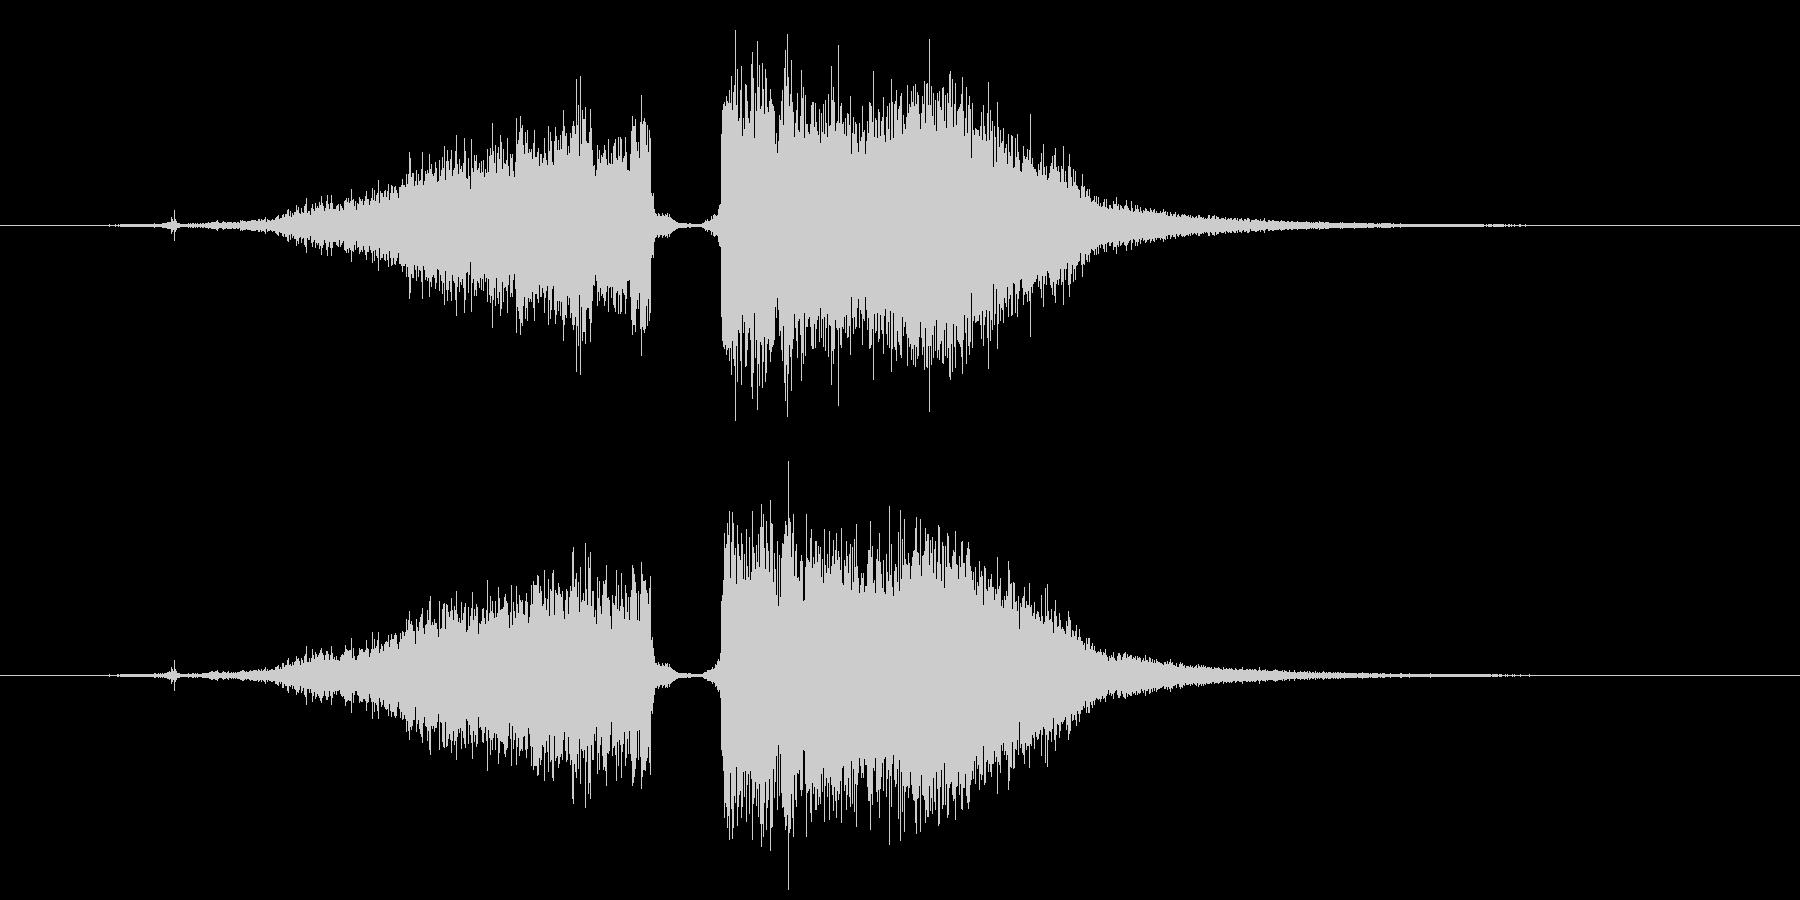 攻撃魔法 水属性 1の未再生の波形